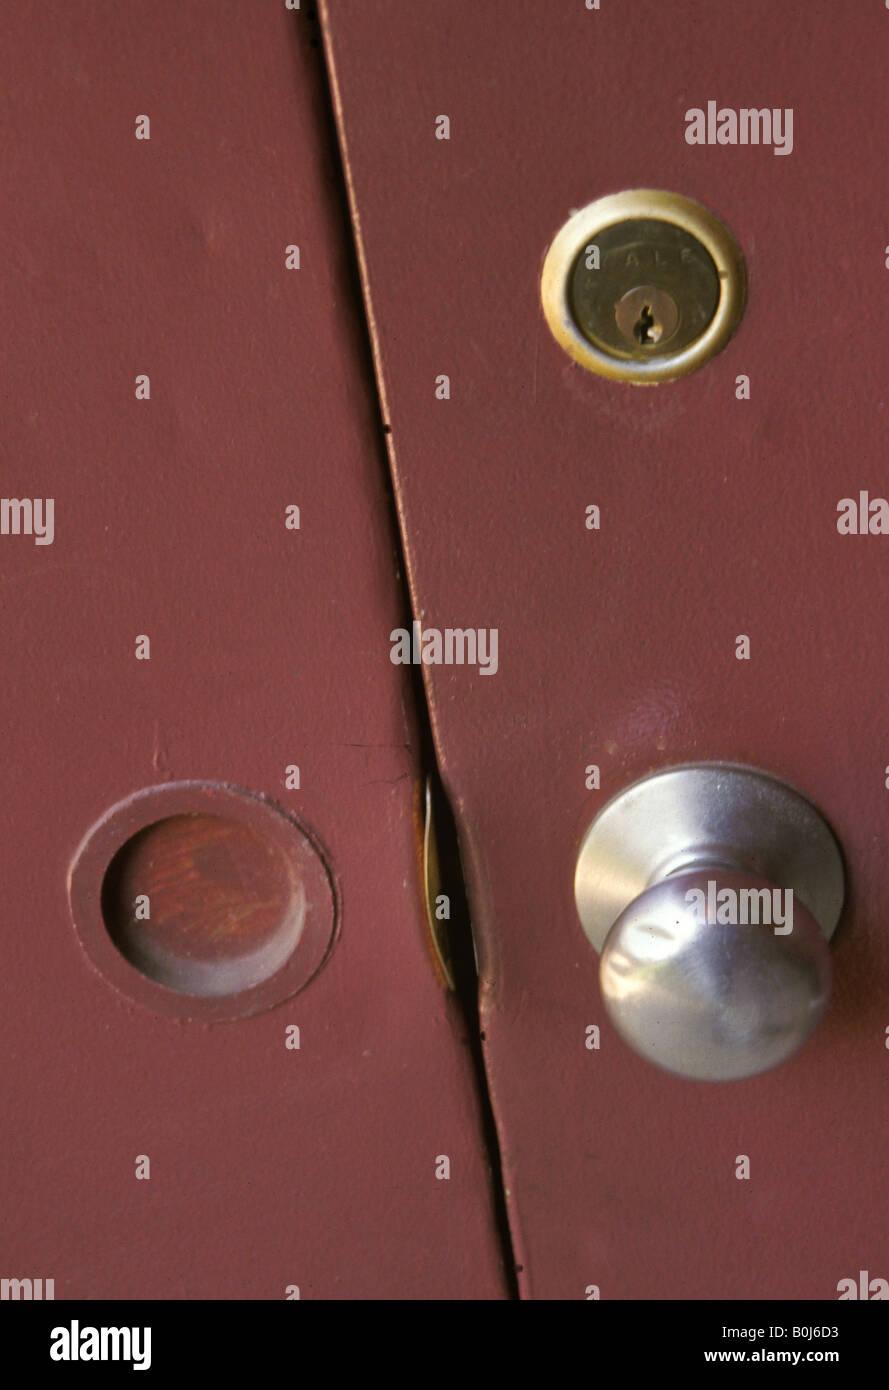 Cierre la perilla de la puerta de metal de bloqueo en edificio comercial Foto de stock